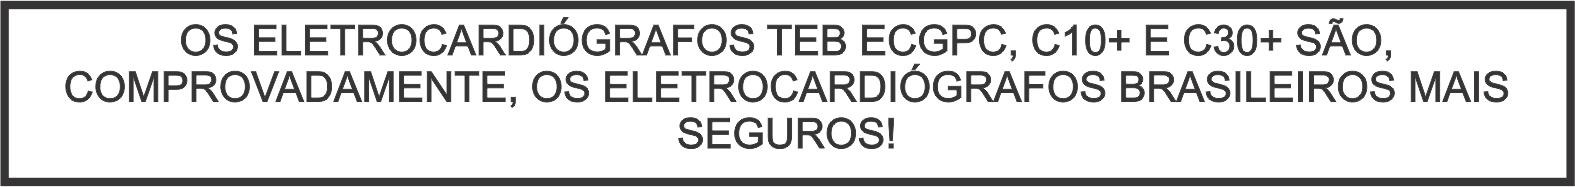 Os eletrocardiógrafos TEB ECGPC, C10+ e C30+ são, comprovadamente, os eletrocardiógrafos brasileiros mais seguros!